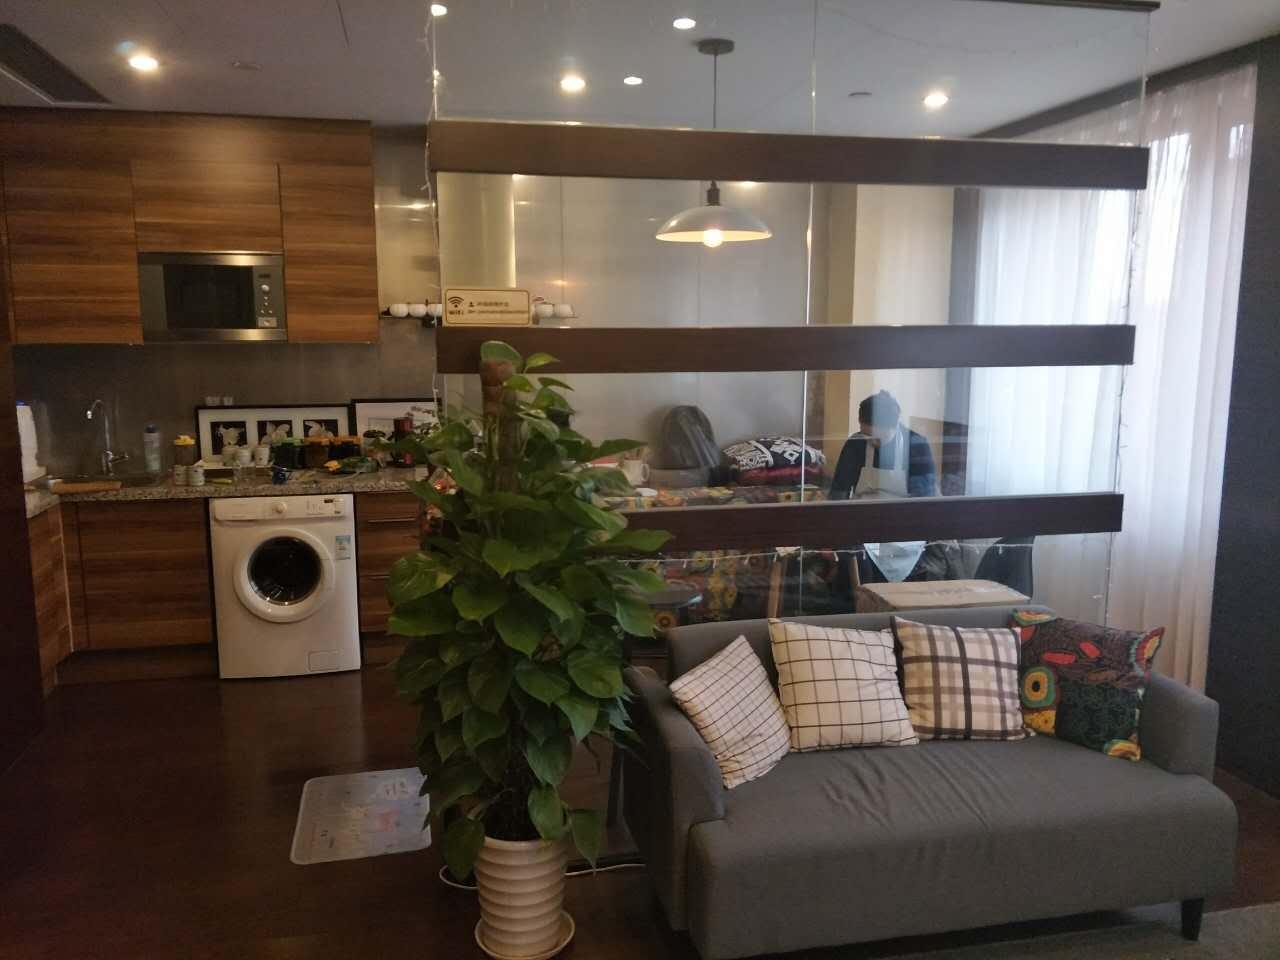 大悦公寓西向一居室小户型诚意出售 可随时预约看房 实房照片出售